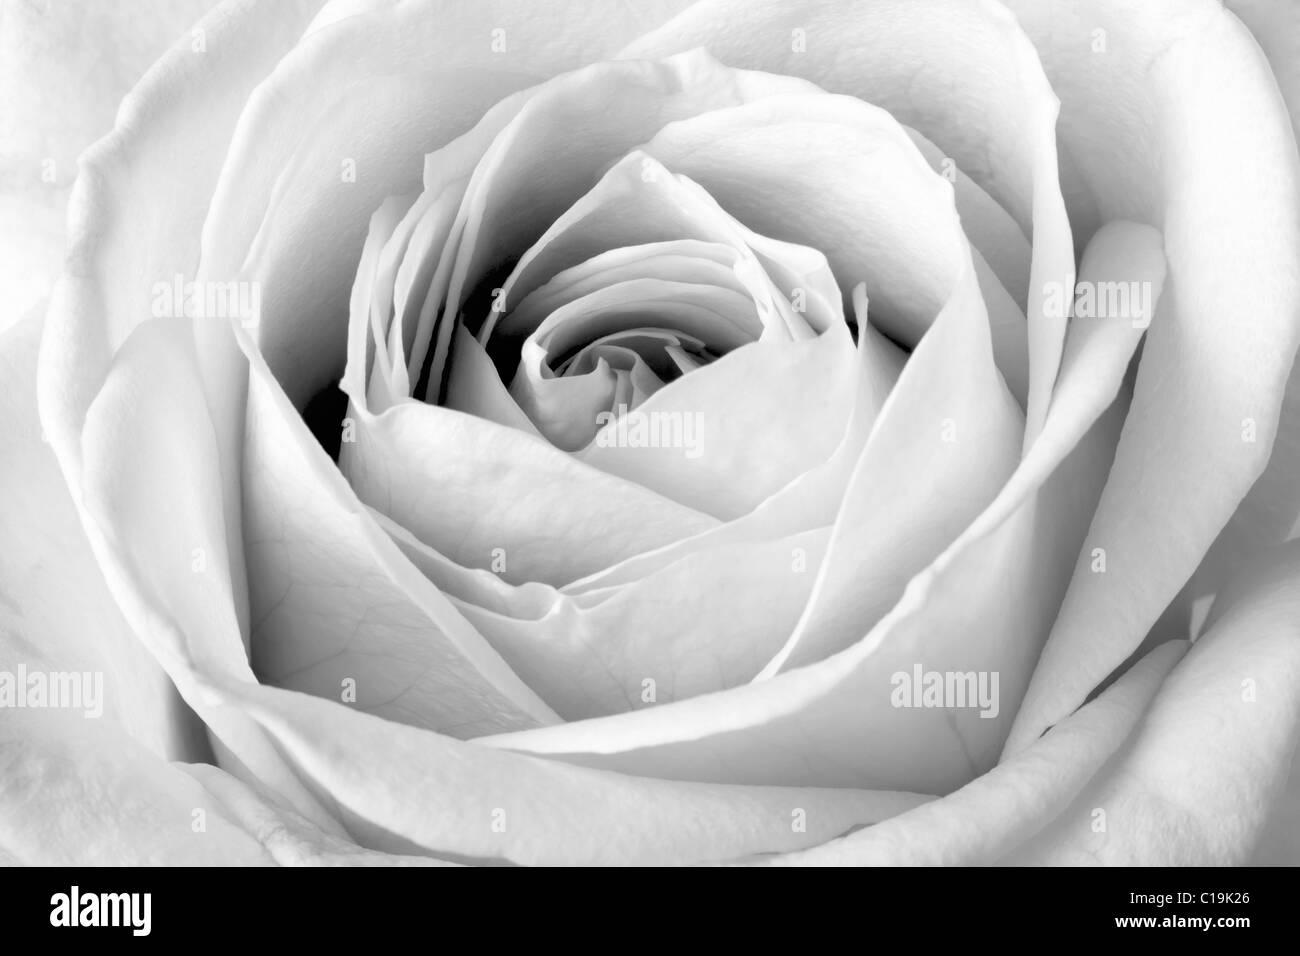 black rose stockfotos black rose bilder alamy. Black Bedroom Furniture Sets. Home Design Ideas